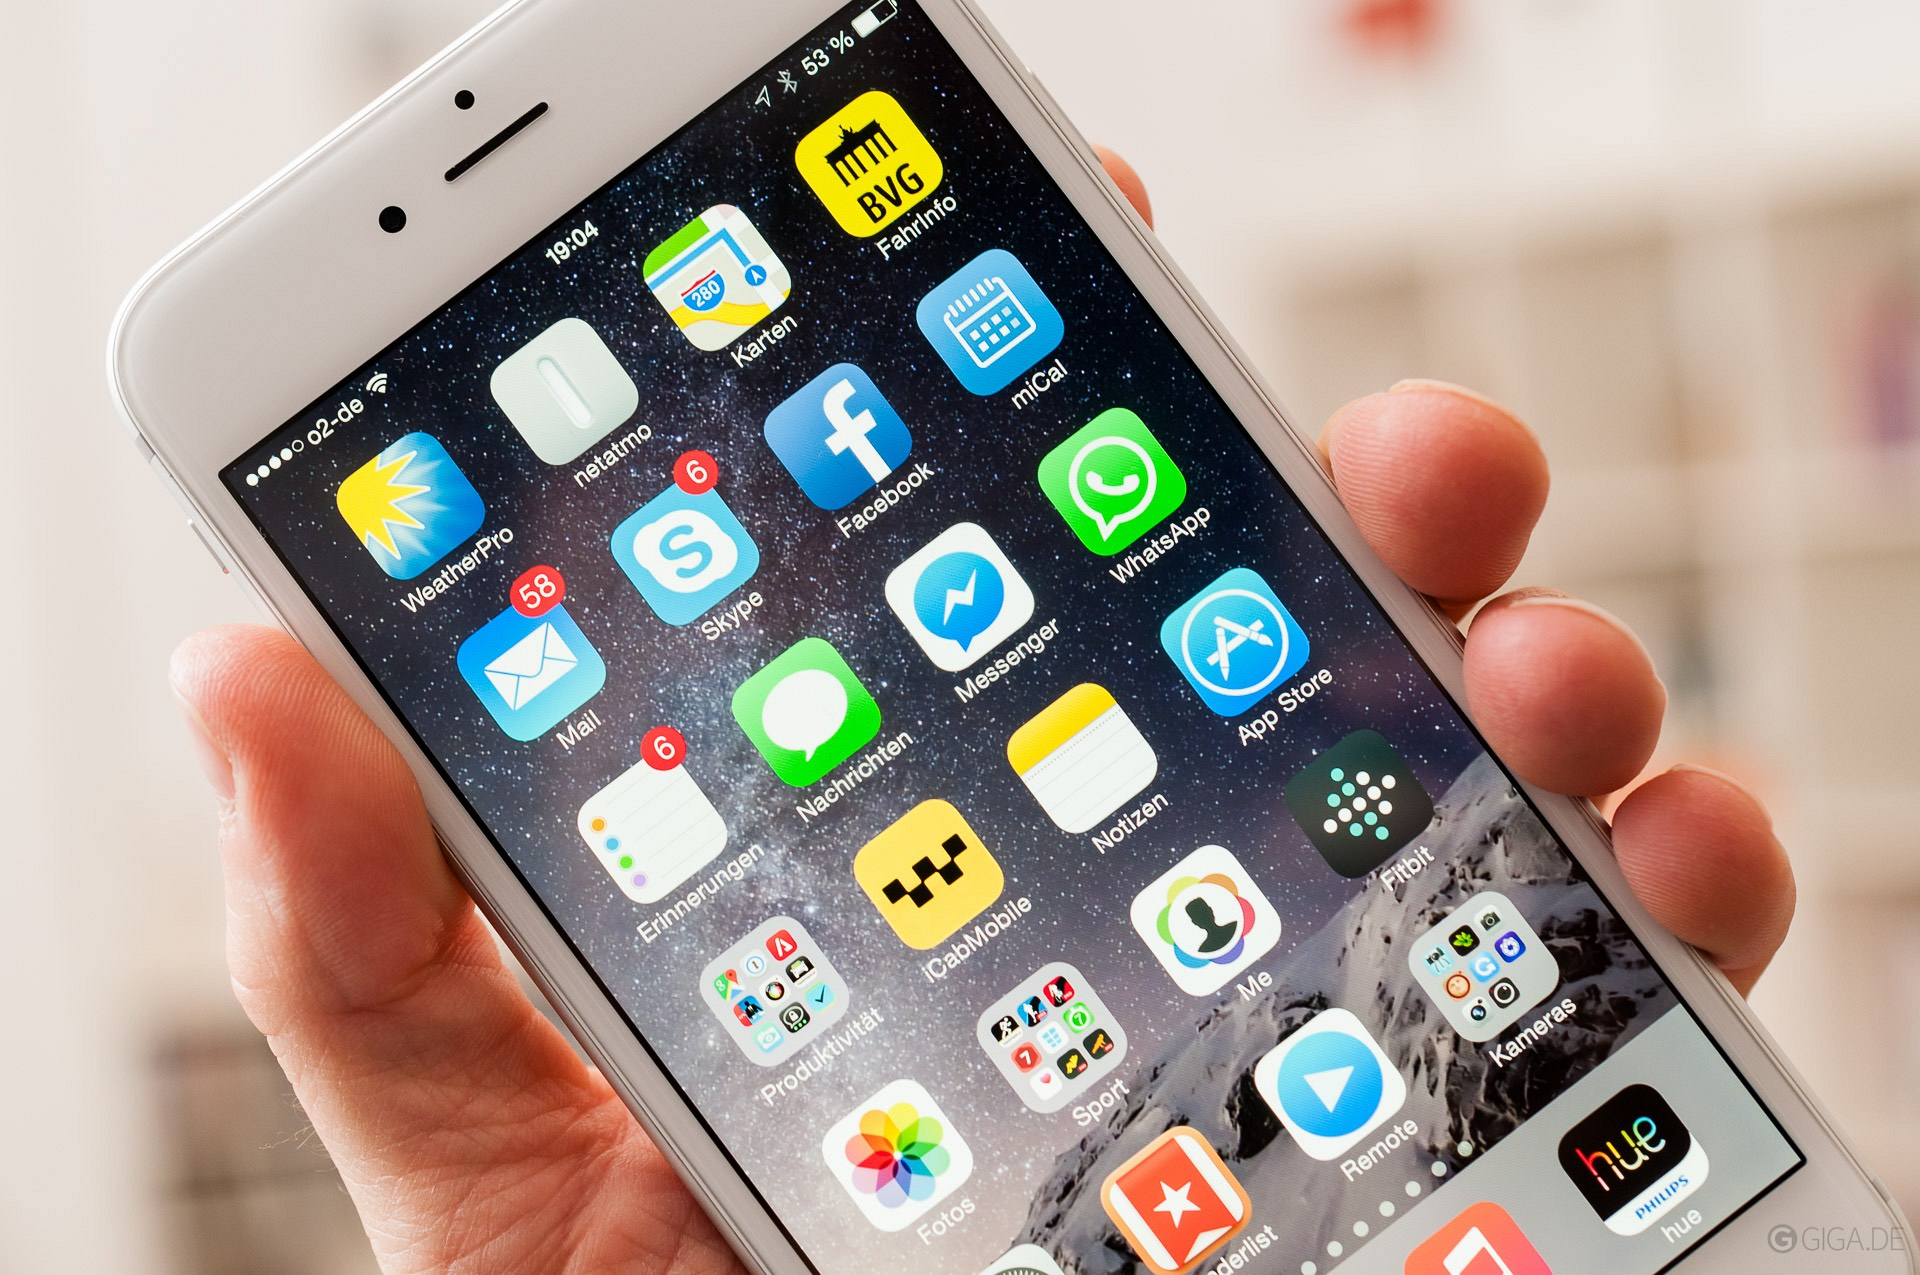 beste gratis spiele iphone